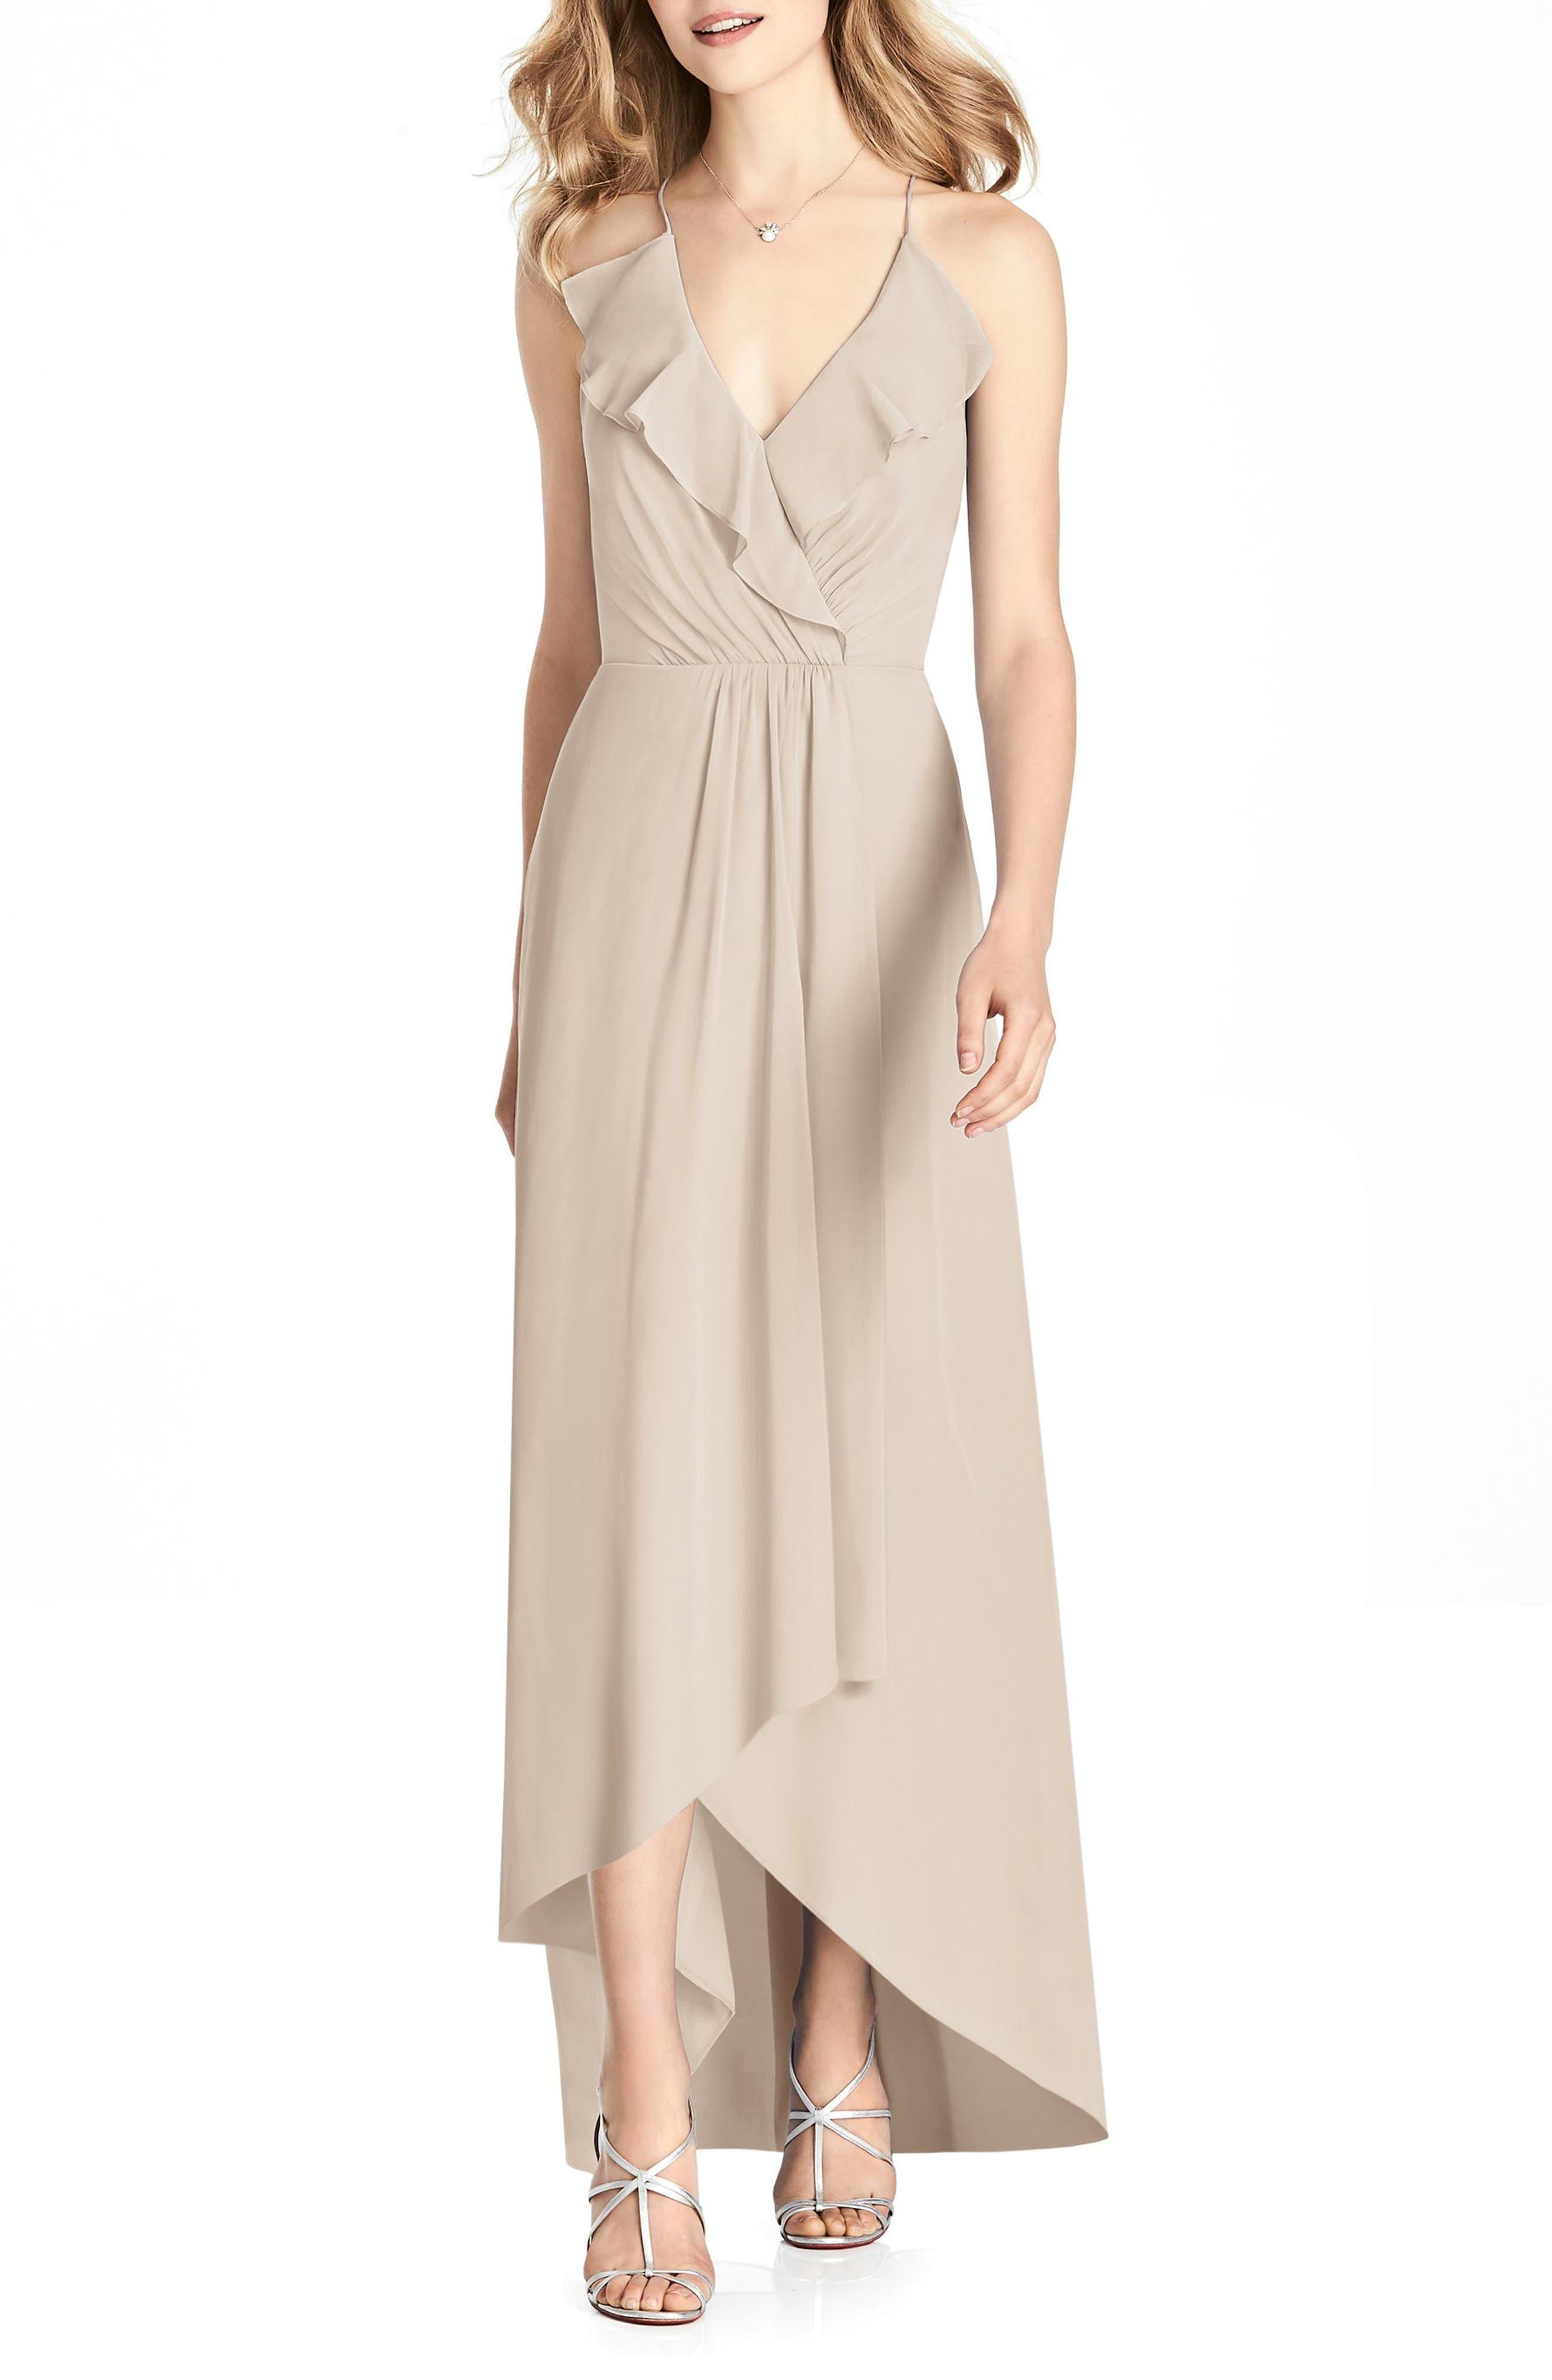 Jenny Packham Ruffle Neck Chiffon Gown, Beige